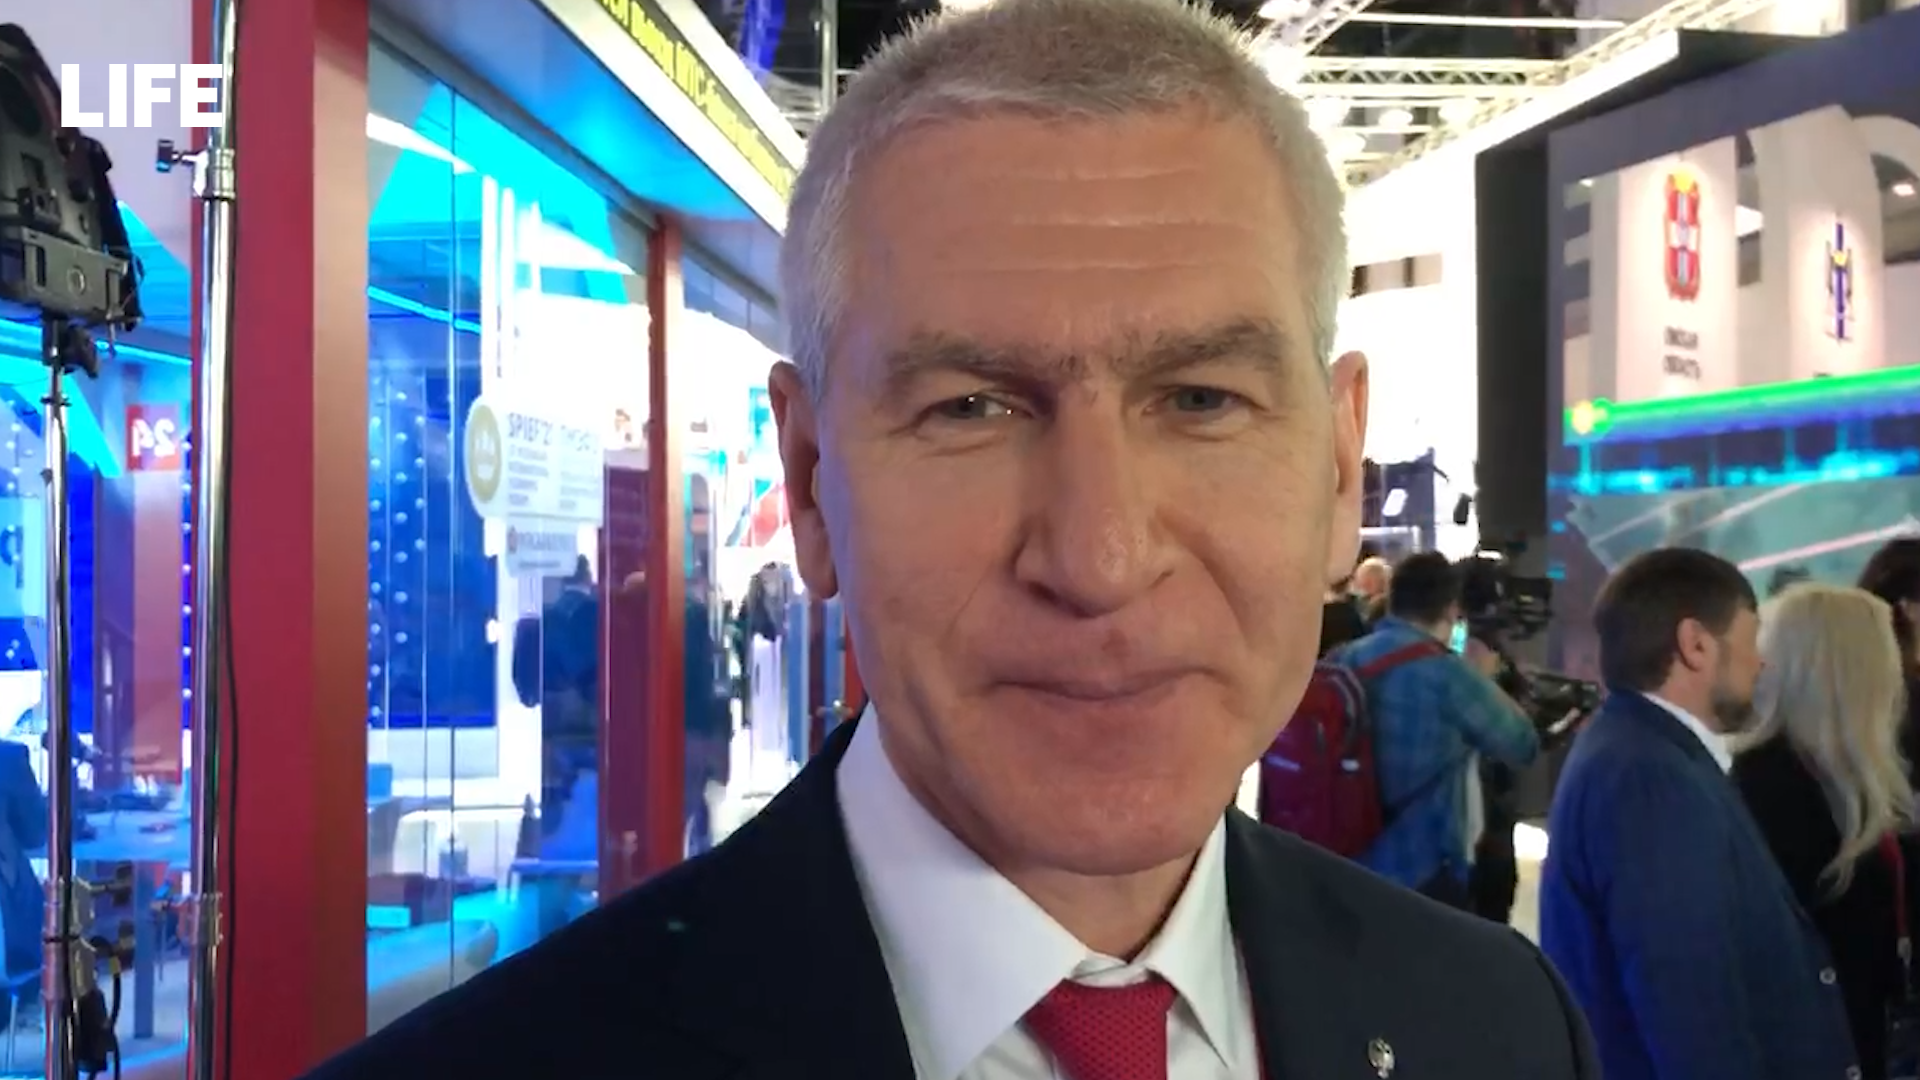 Будет непросто: Министр спорта Матыцин верит в победу России над Канадой на ЧМ по хоккею